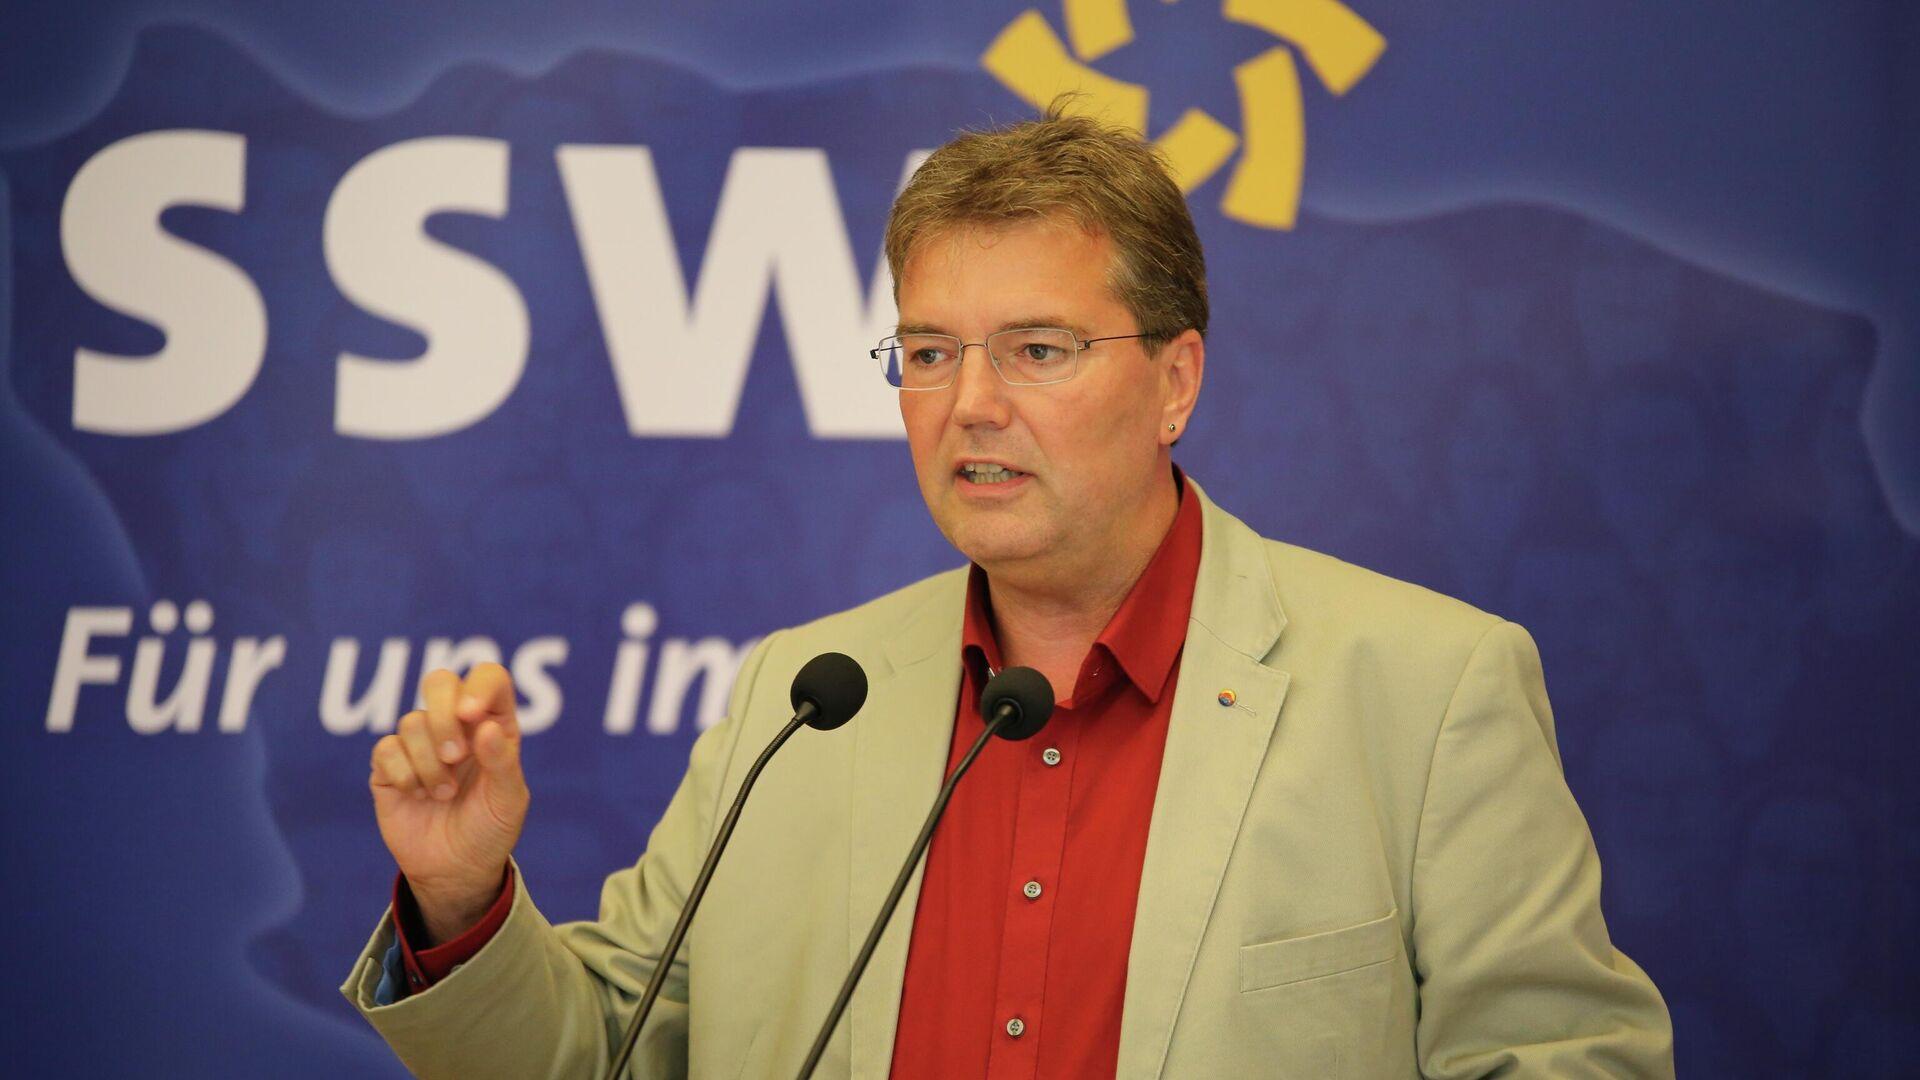 Vorsitzender des SSW im Schleswig-Holsteinischen Landtag Lars Harms - SNA, 1920, 27.09.2021